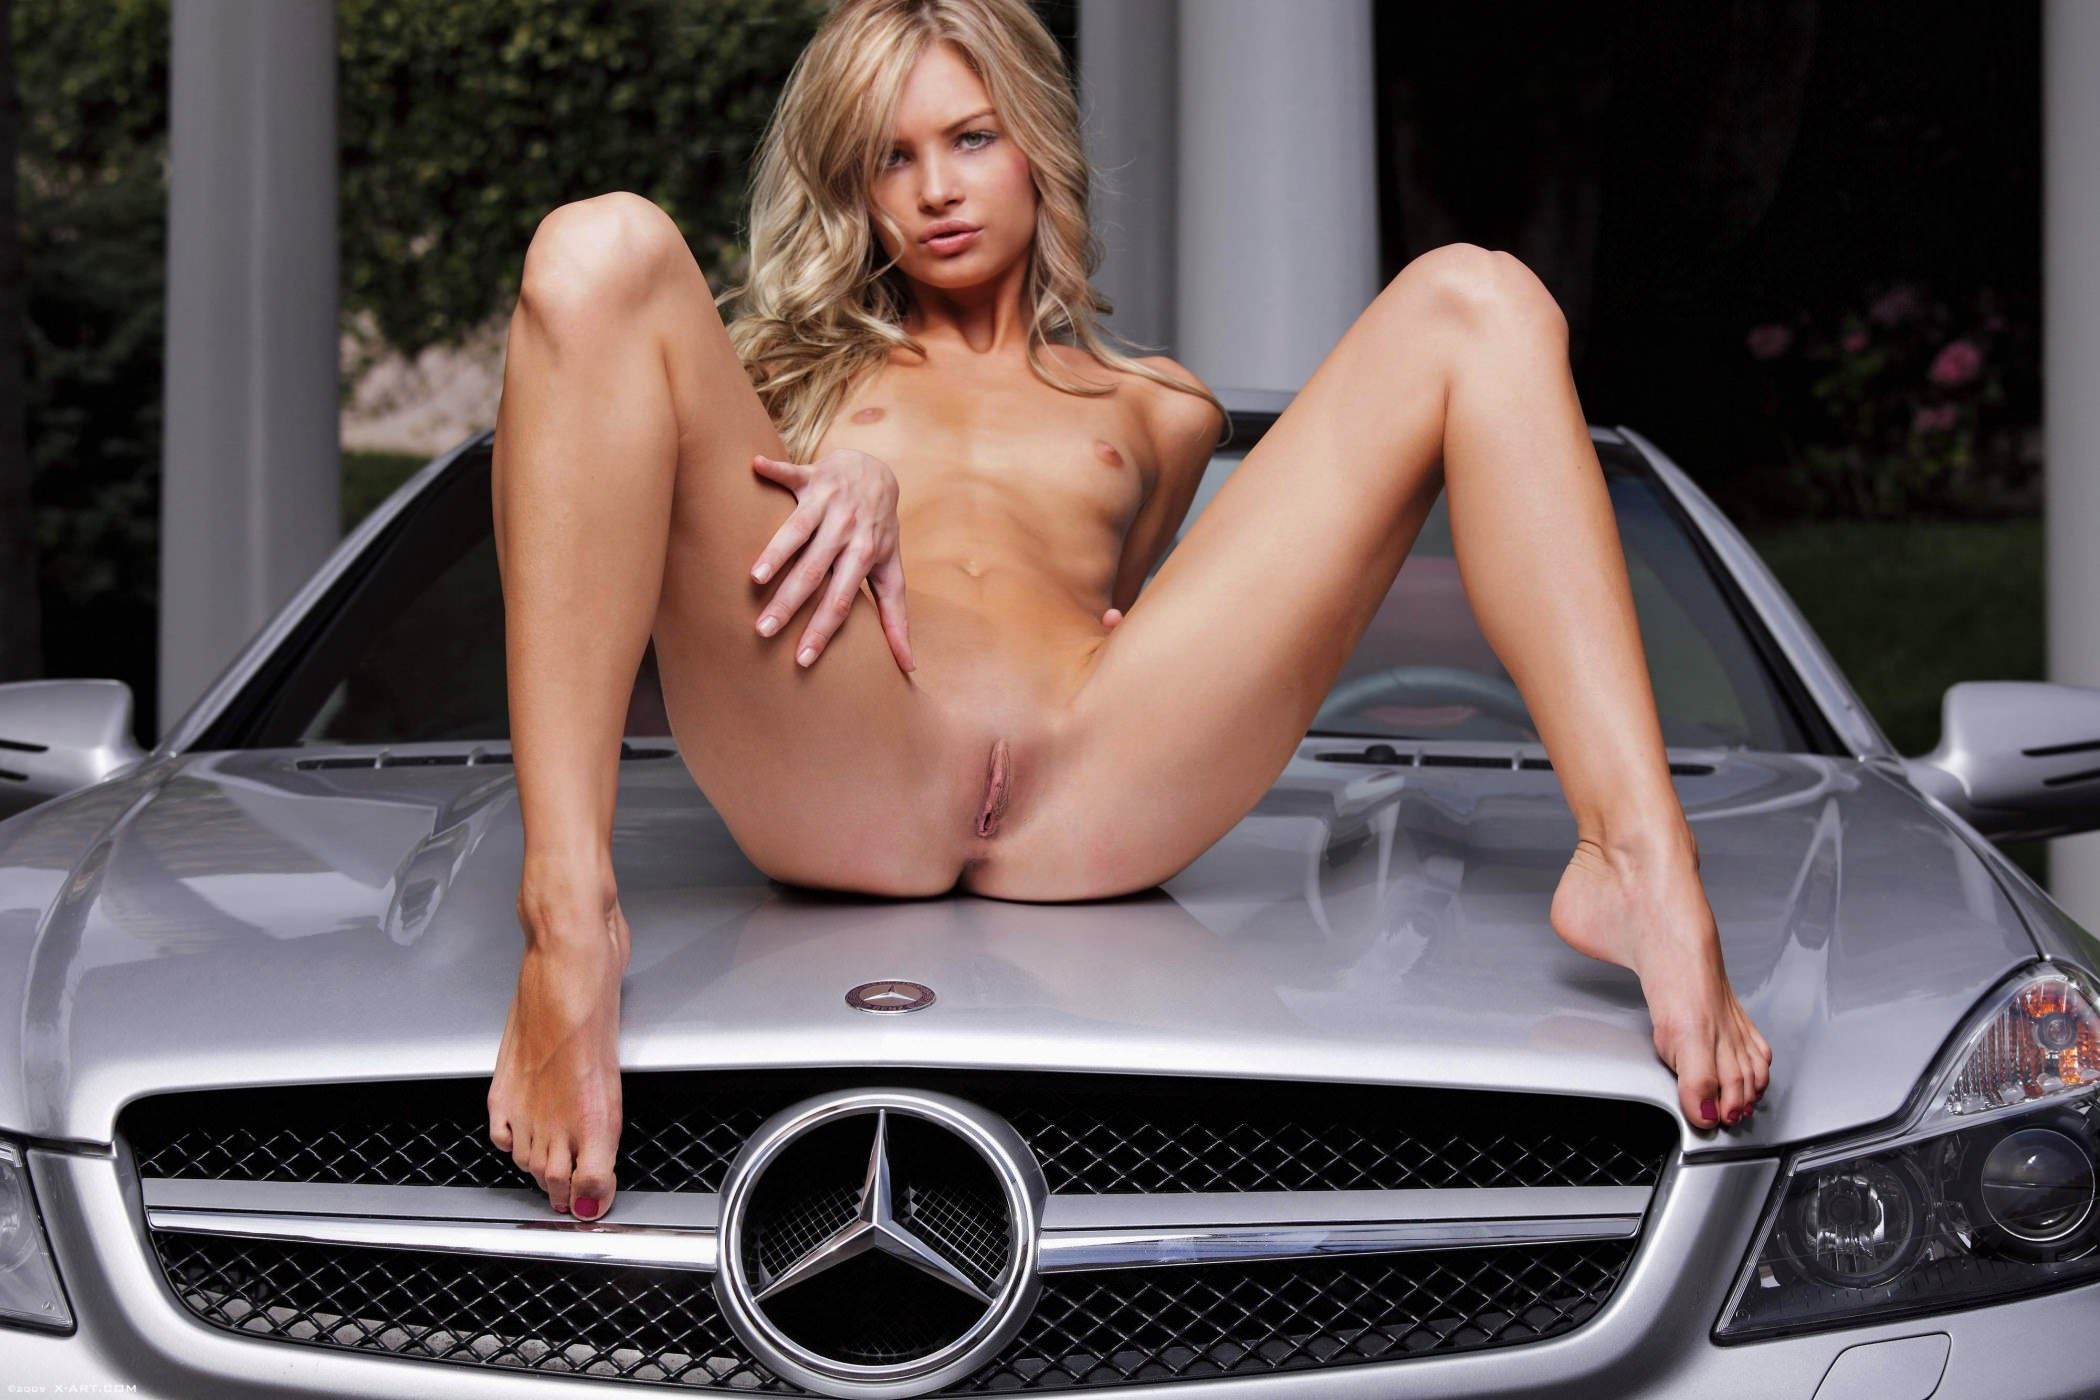 Фото голых девушек и автомобили 23 фотография